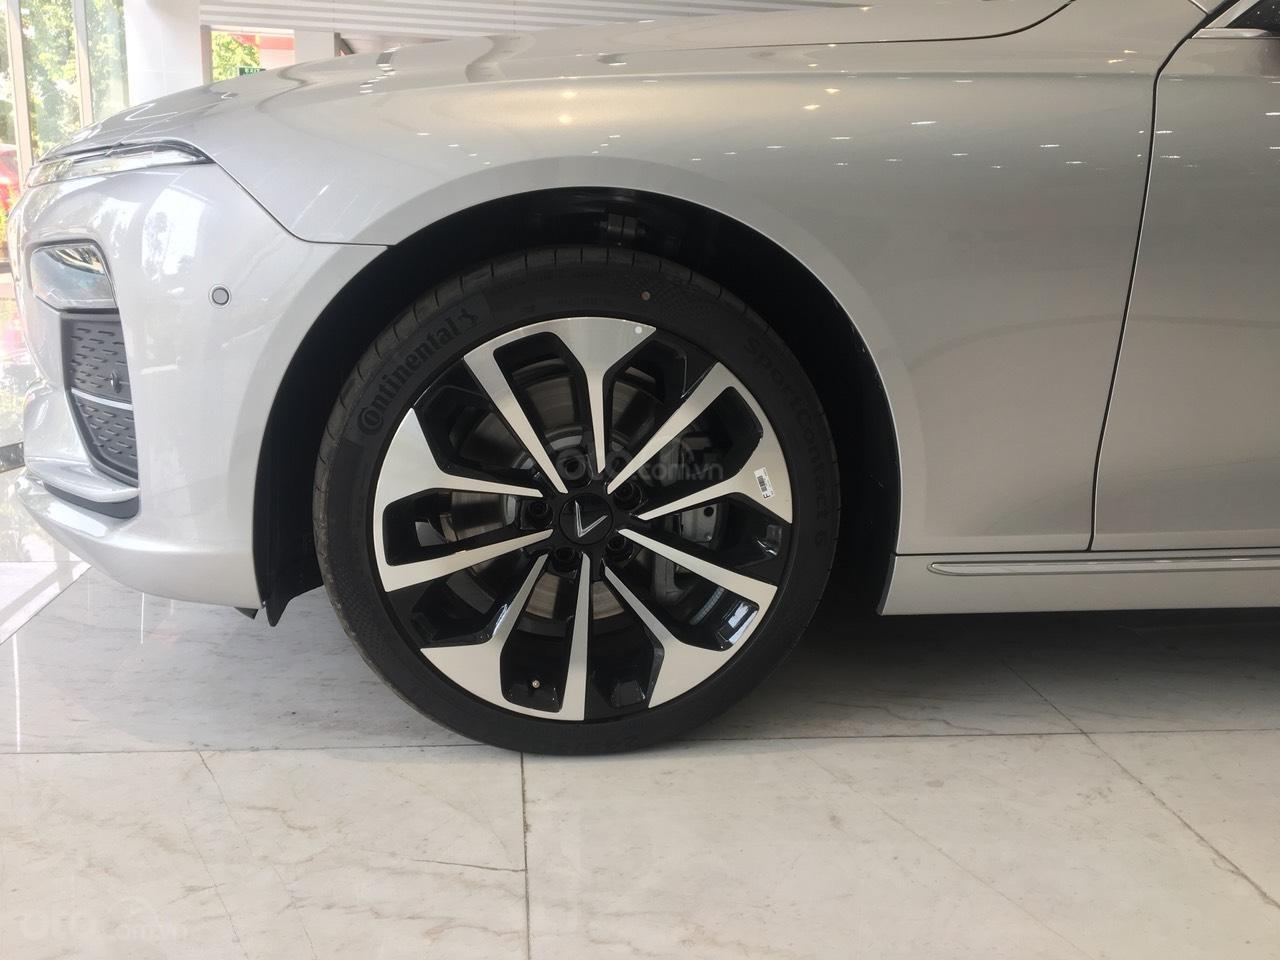 Bán xe VinFast LUX A2.0 full-Da Nappa Nâu 2019, màu bạc 0911234775 em Long (15)